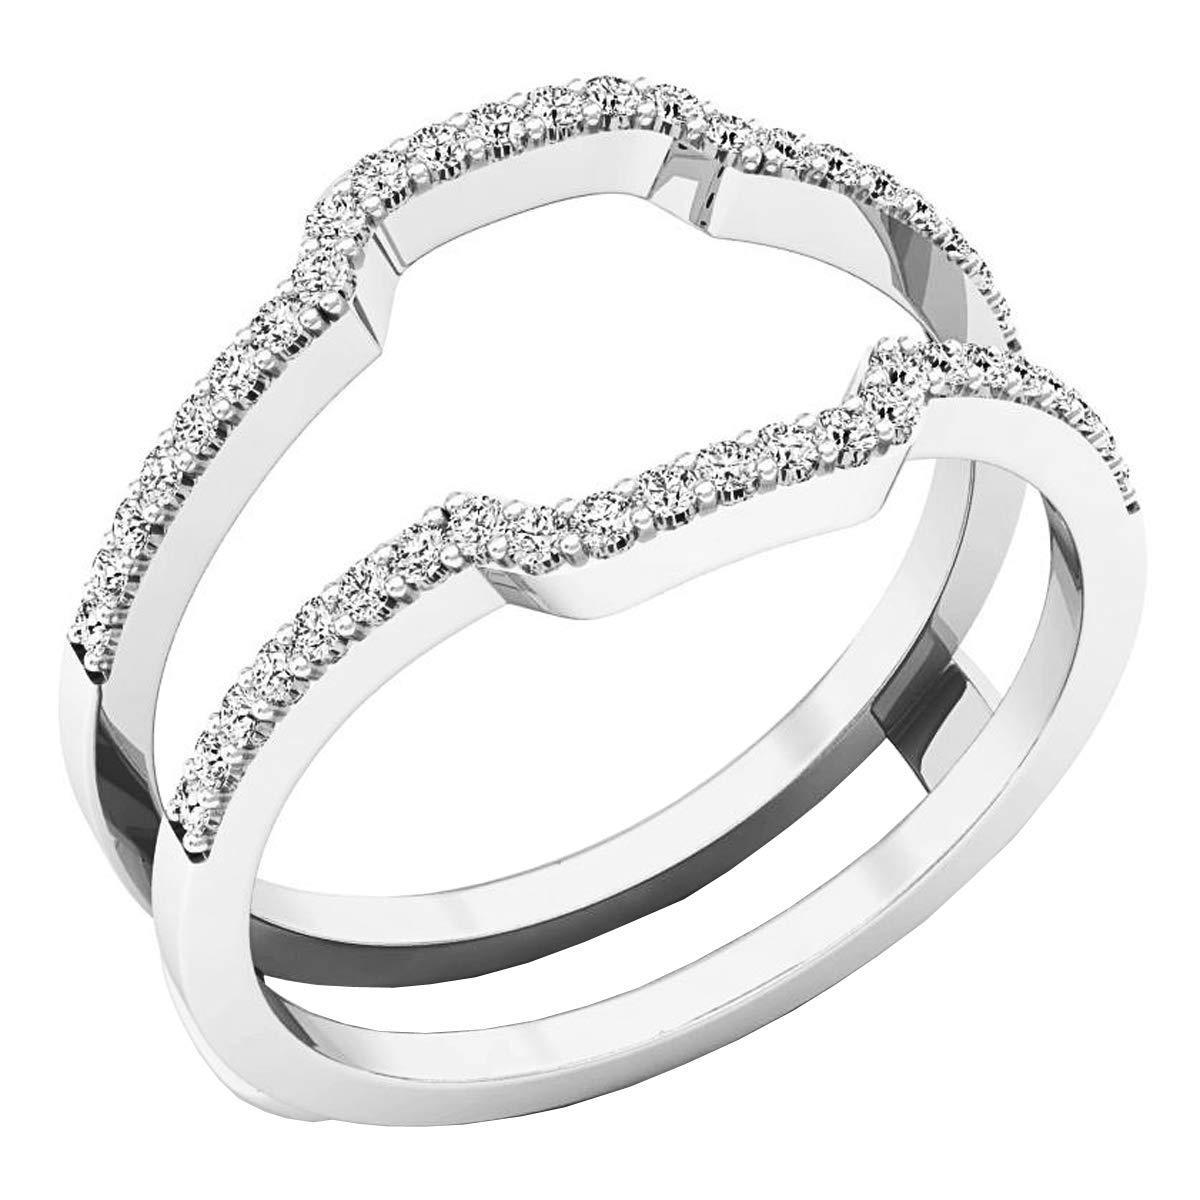 Alianza de boda, diamantes blancos de 0,25 quilates, oro amarillo 10 quilates, con embellecedor: Amazon.es: Joyería